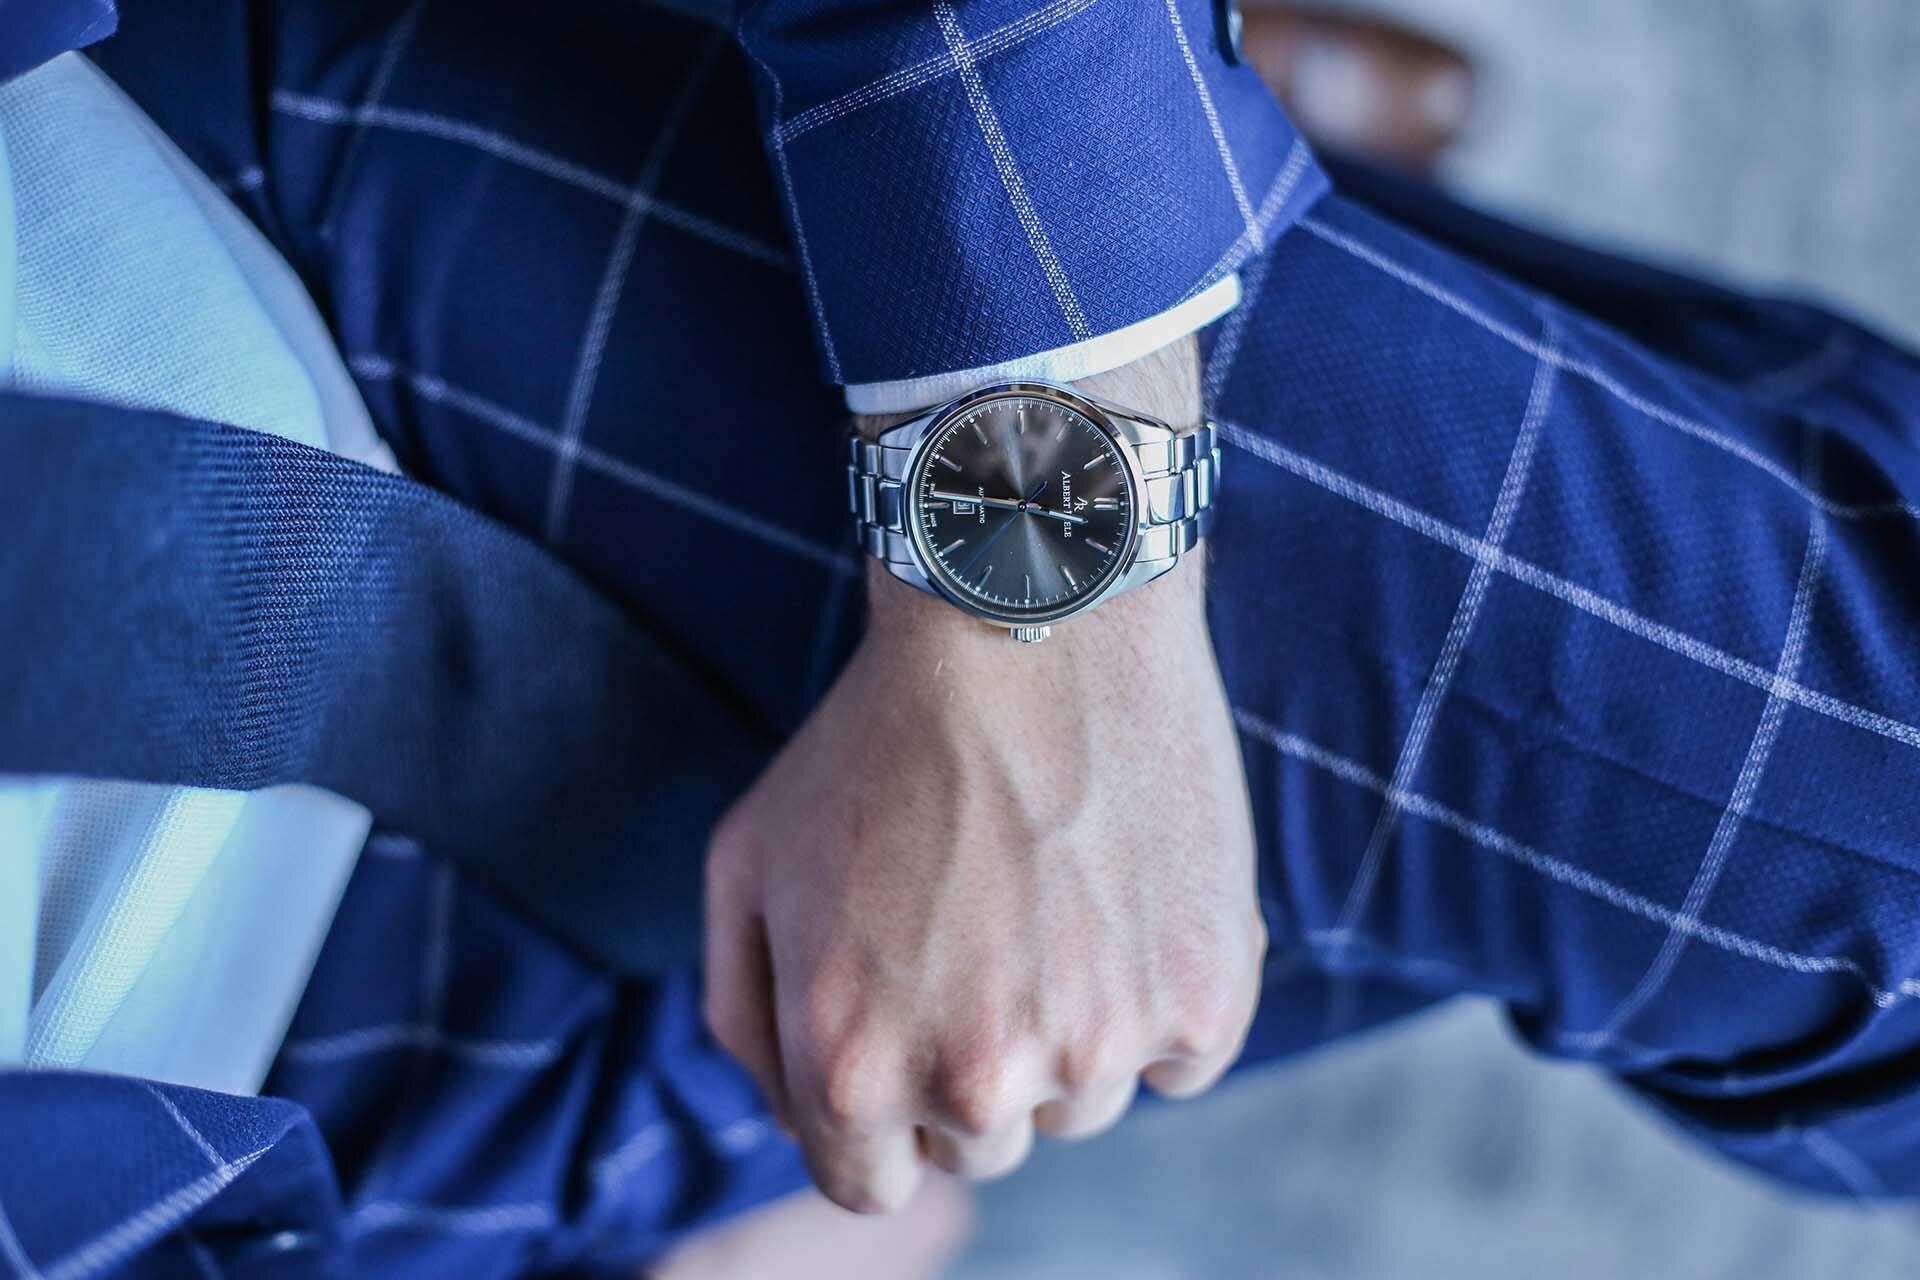 Zegarek Albert Riele, Męski zegarek, Męskie zegarki, Zegarek na srebrnej bransolecie, Apart, GMALE by Grzegorz Paliś